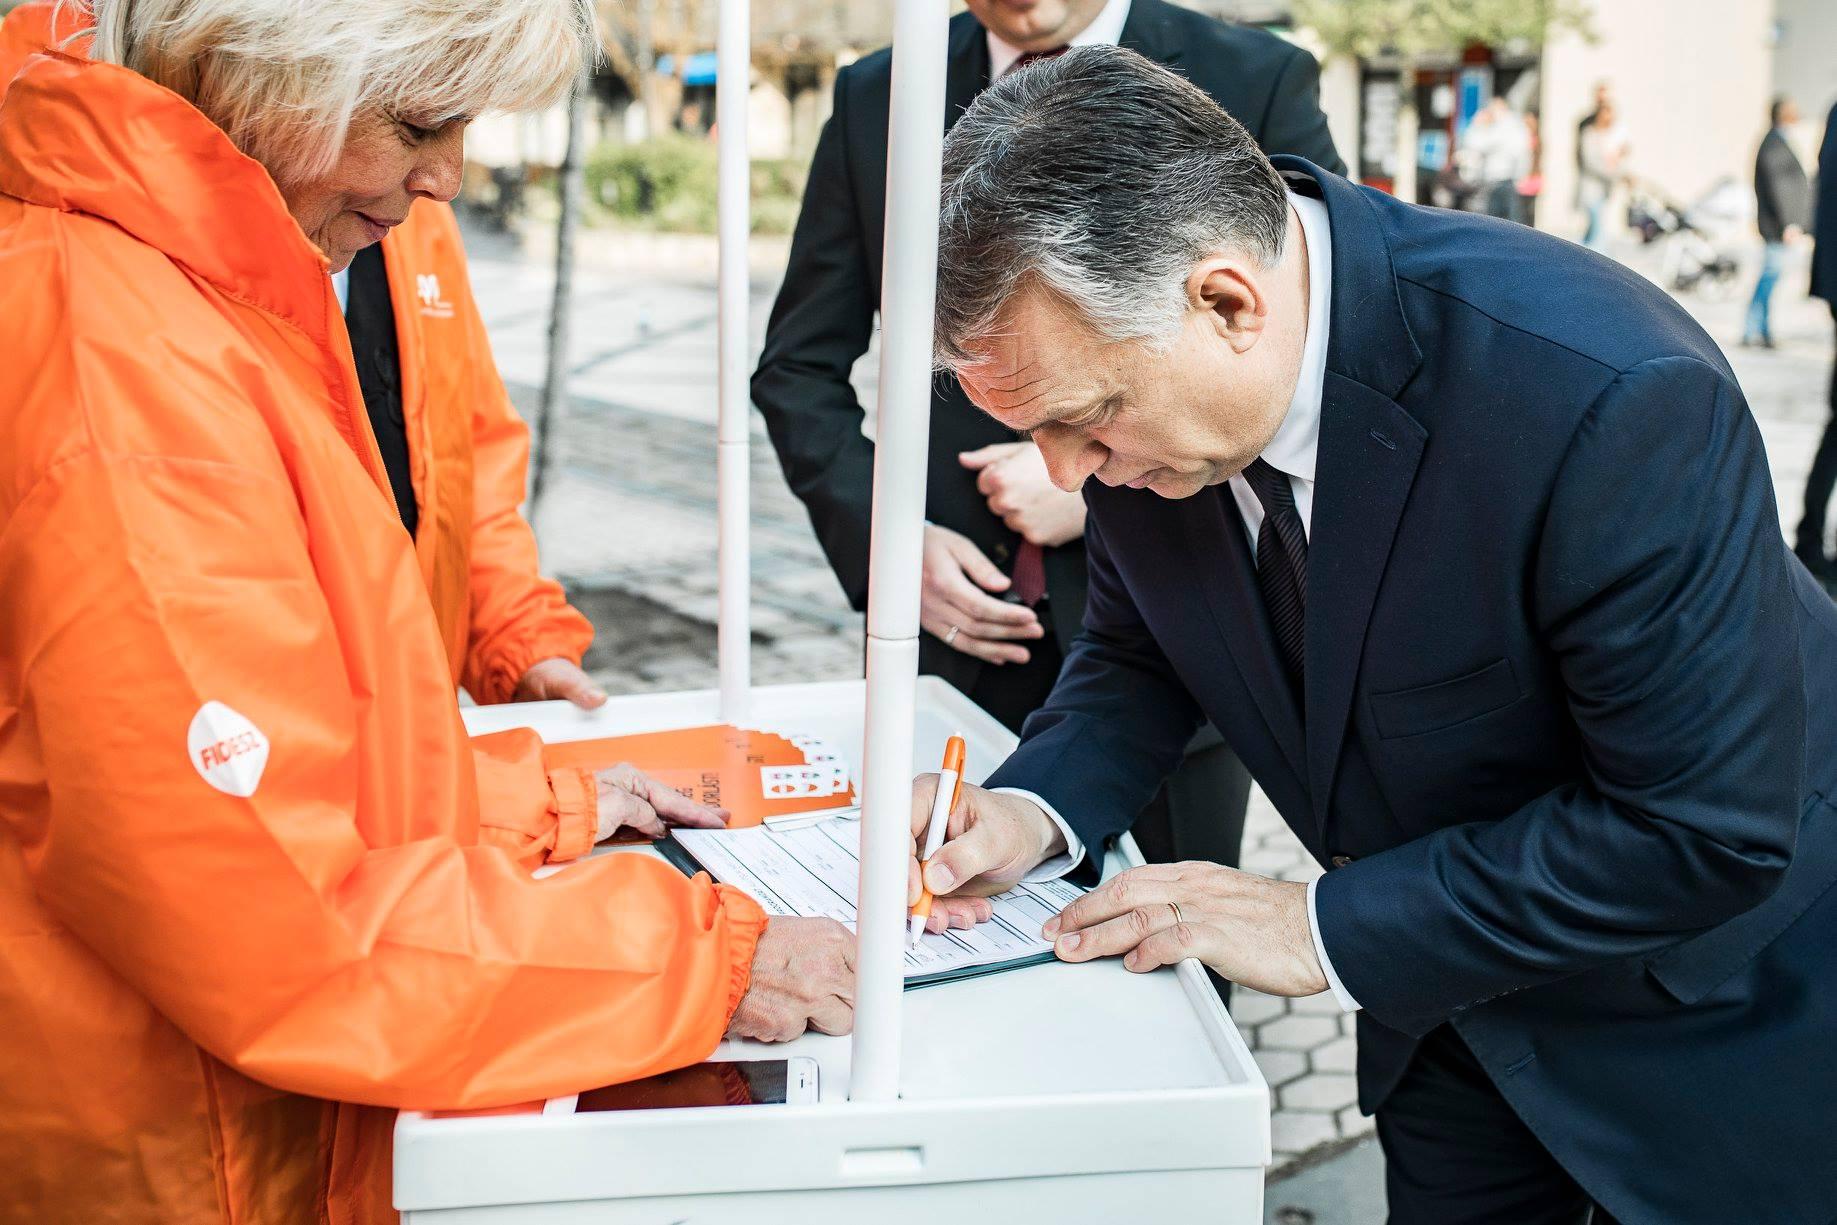 Hiába cáfolta a Választási Iroda, a Fidesz szerint akkor is ők adták le először az ajánlóíveket